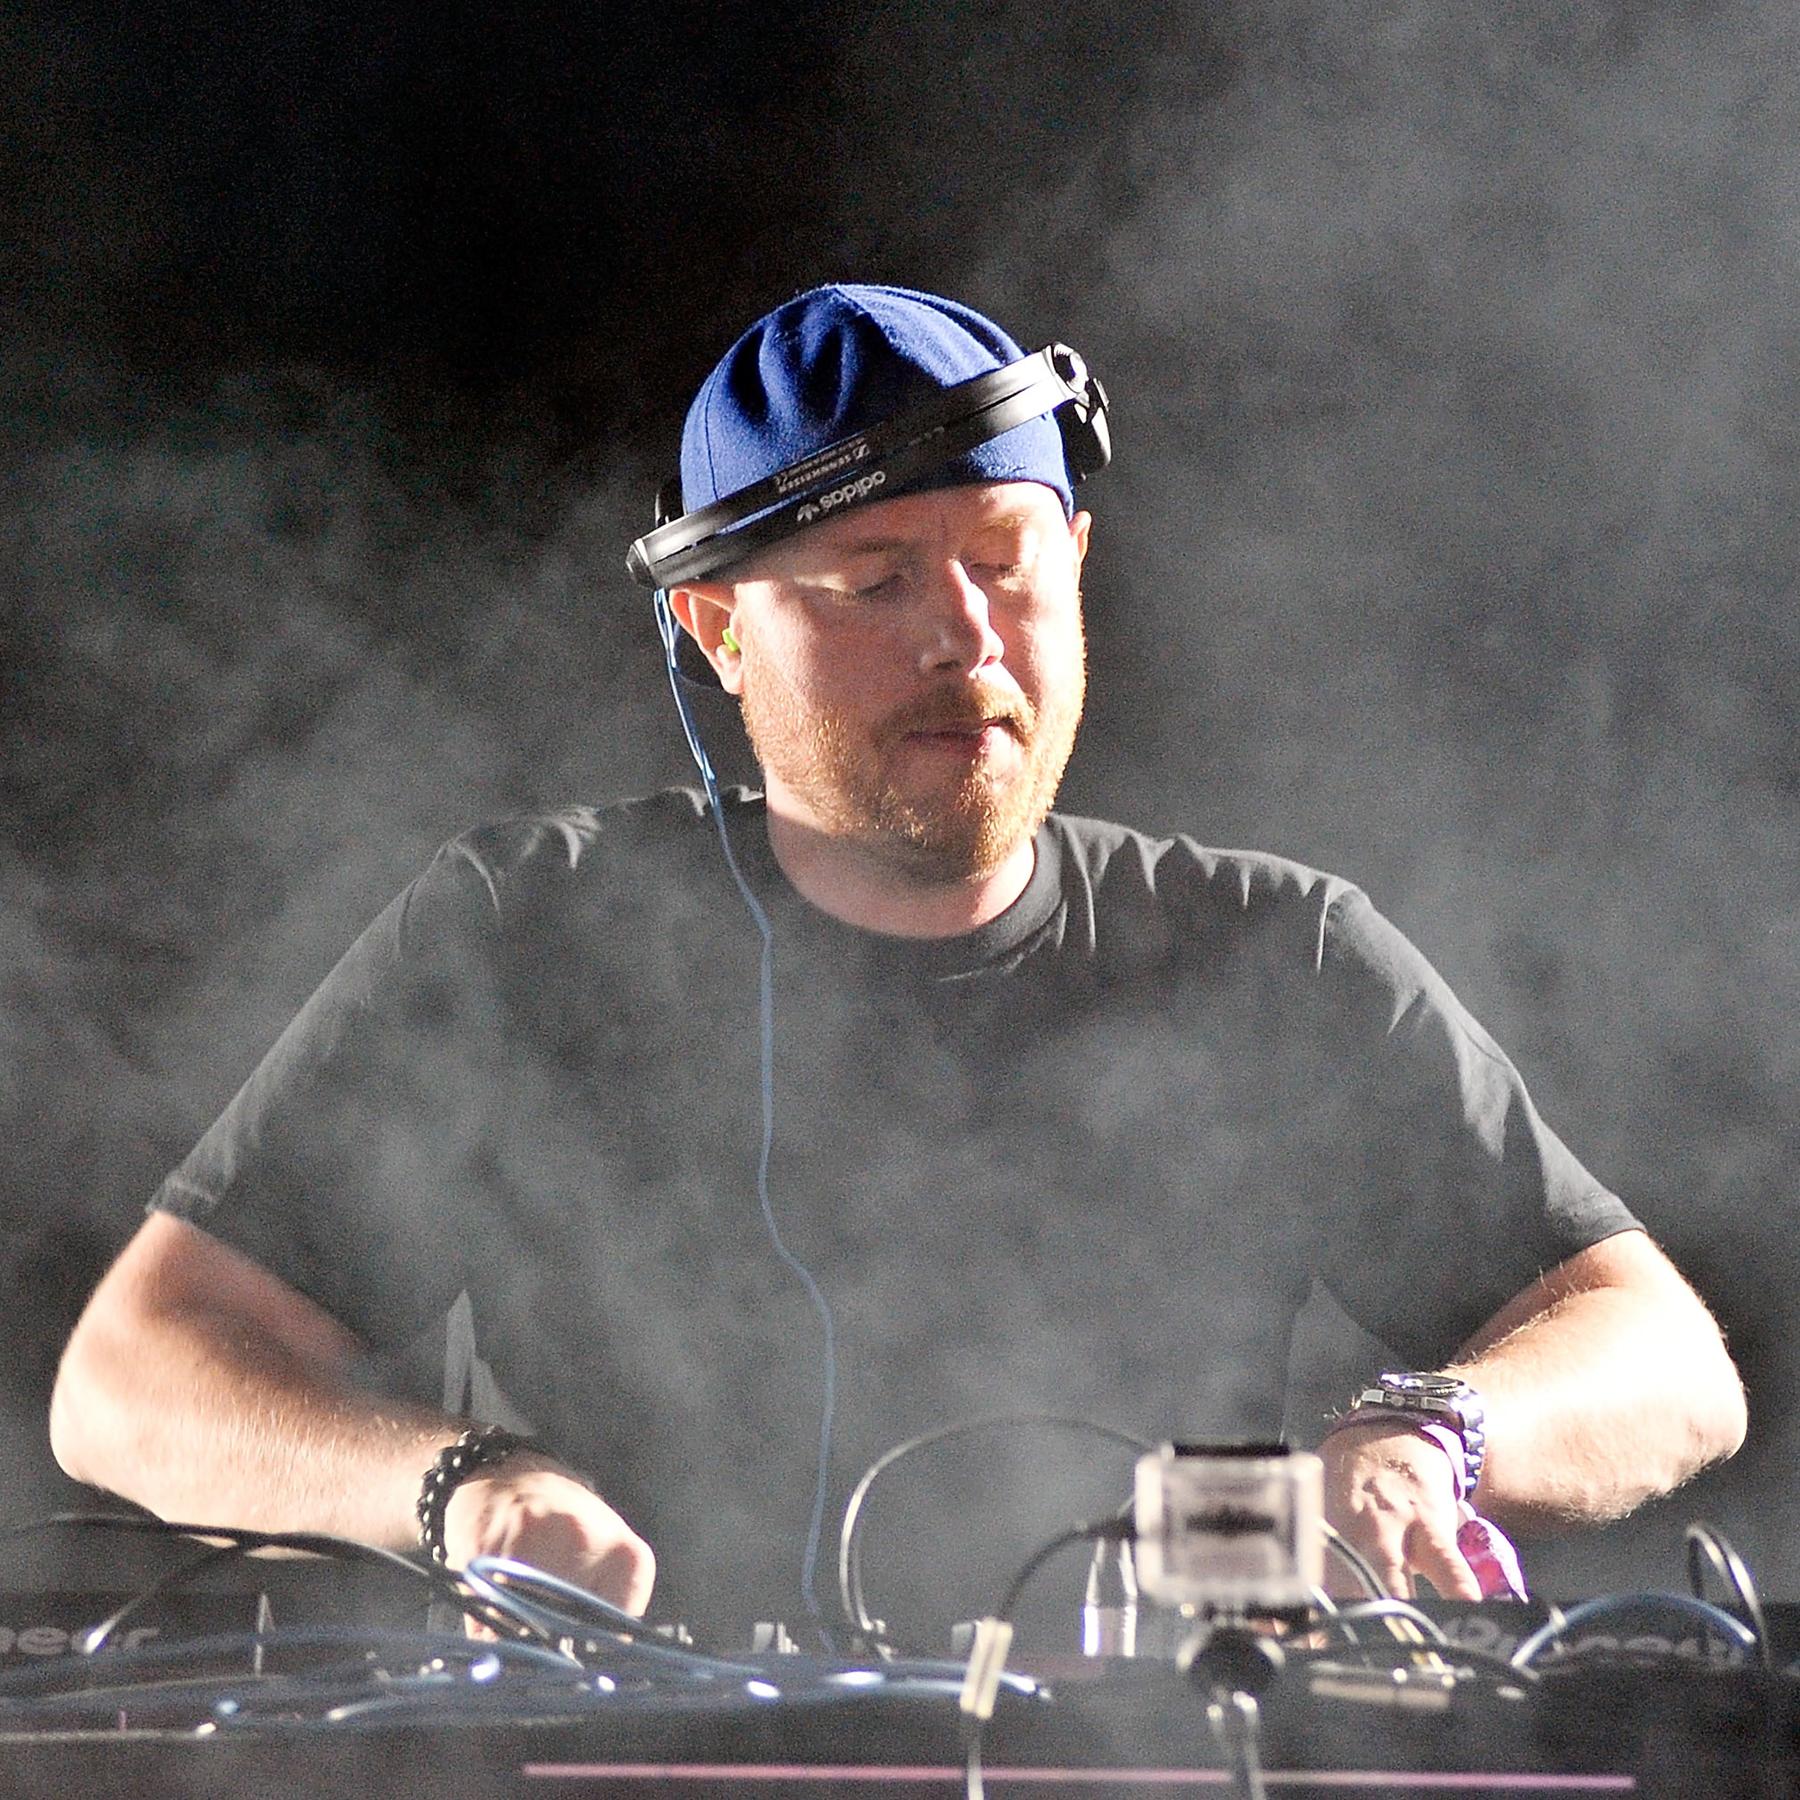 20 Best DJ Mixes of 2013